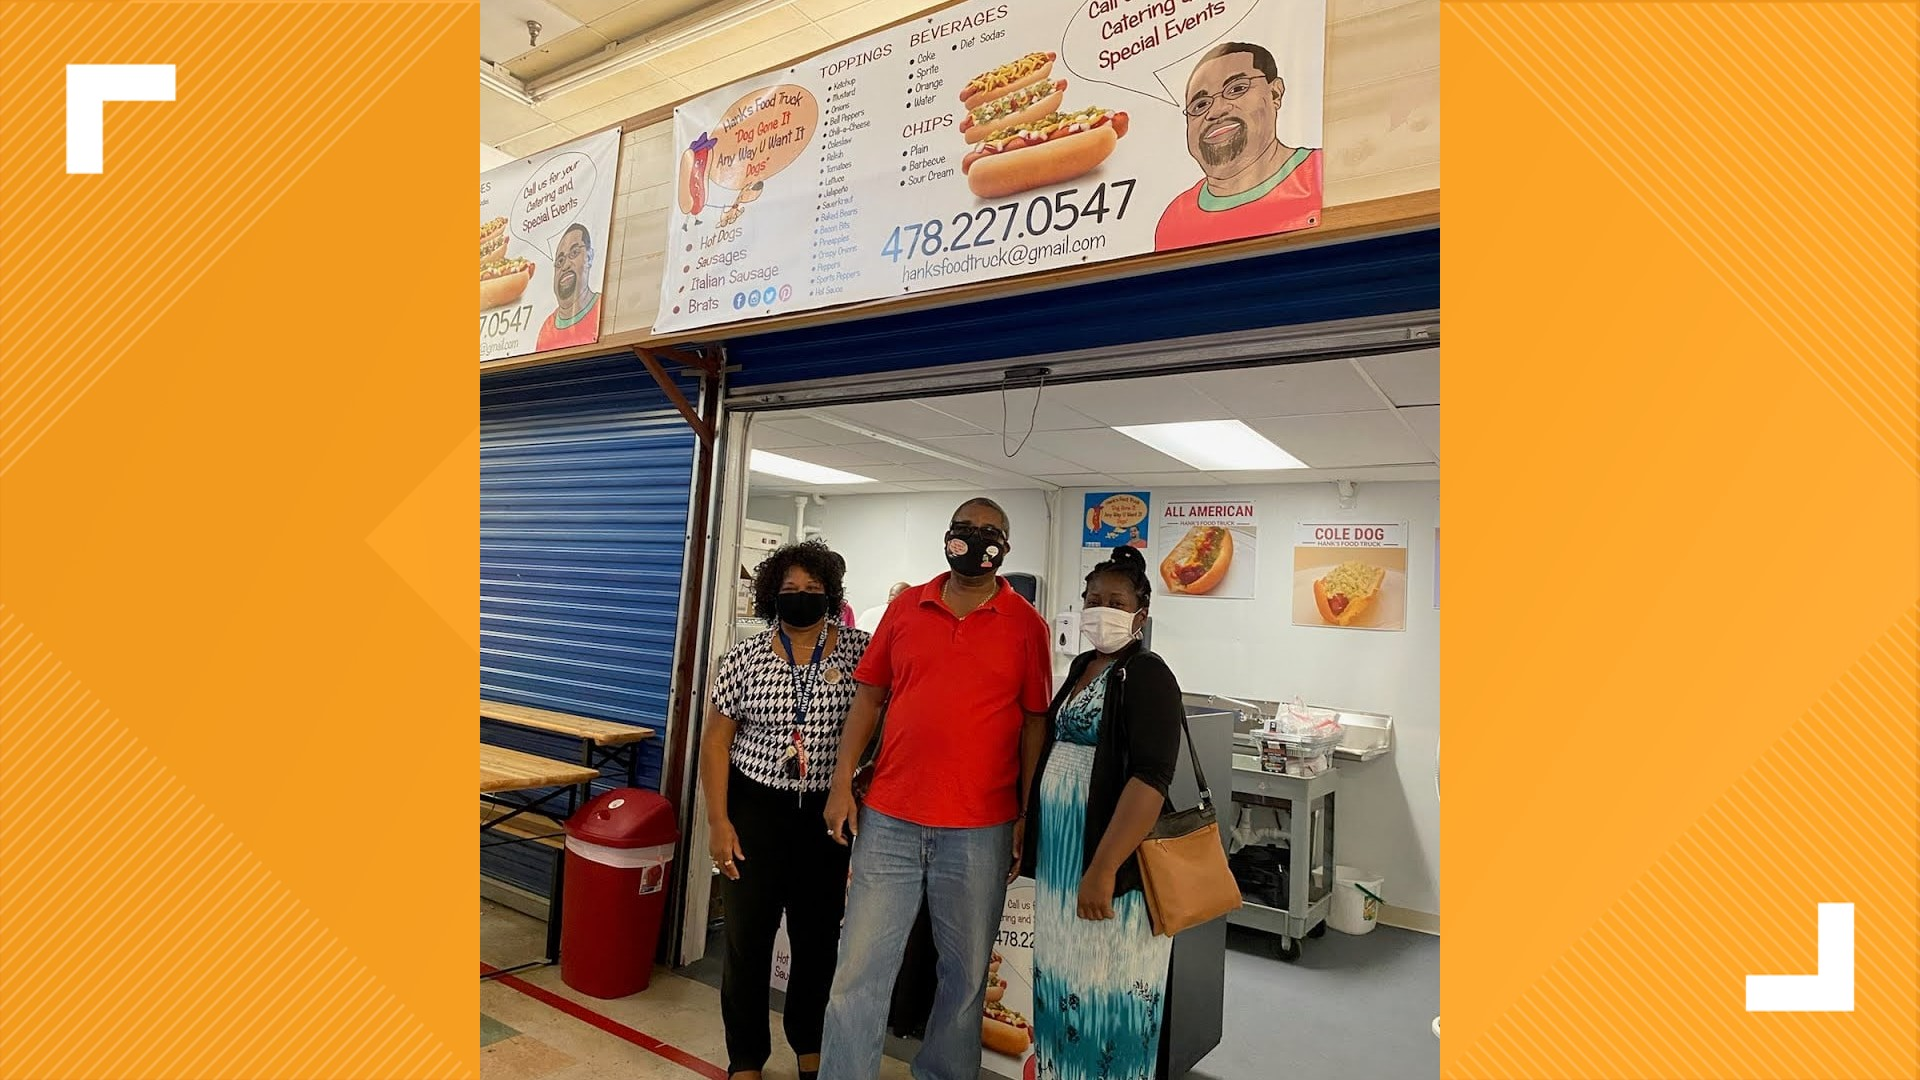 Hank S Food Truck Opens At Macon Flea Market 10tv Com